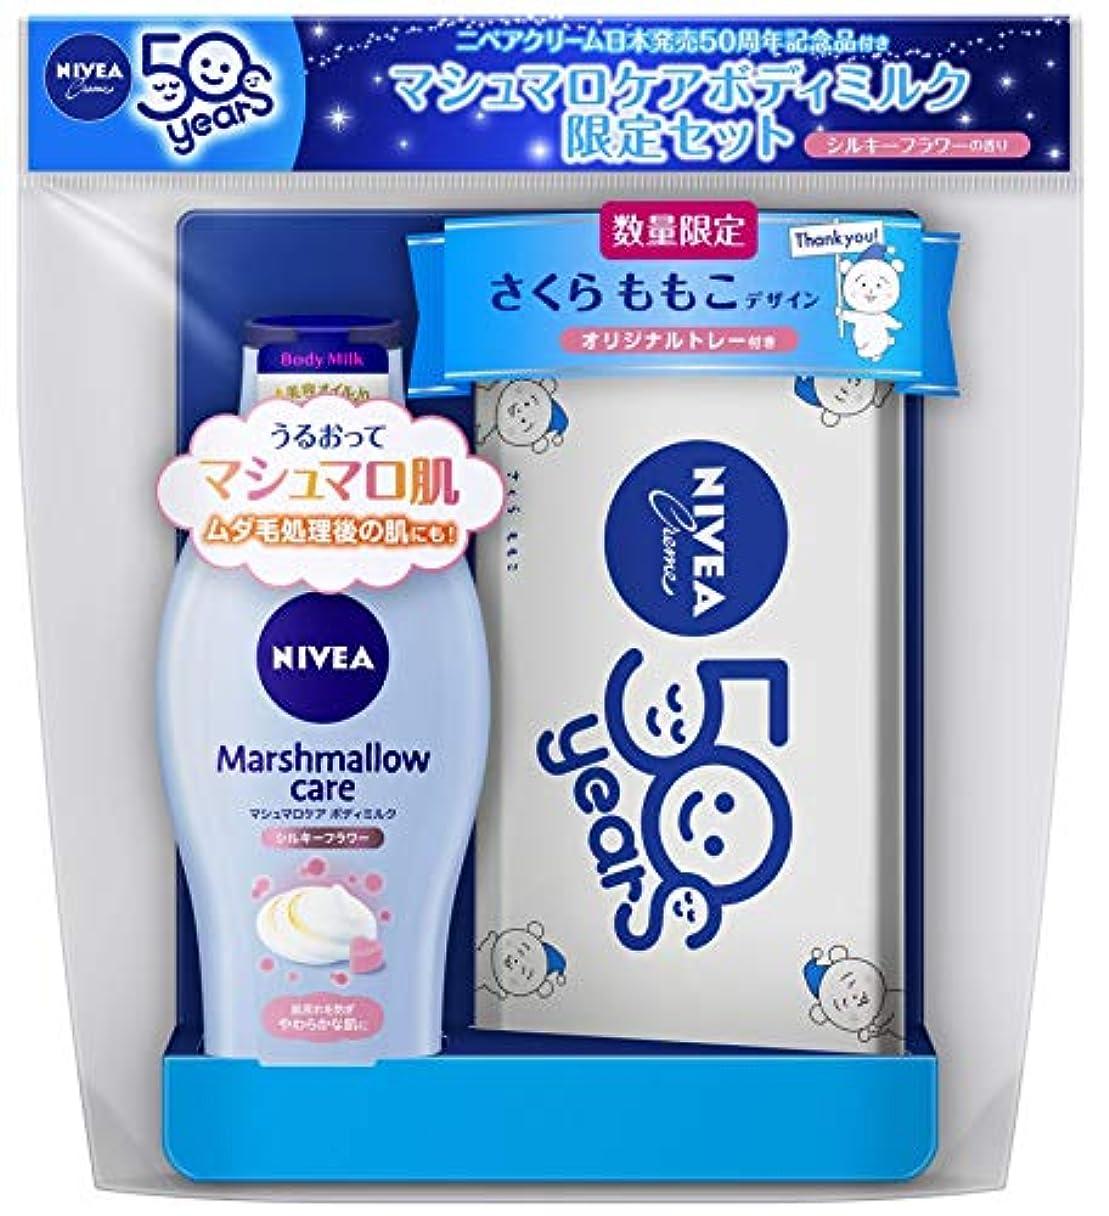 トラックアセンブリ平等【数量限定】ニベア マシュマロケアボディミルク シルキーフラワーの香り+さくらももこデザインオリジナルトレー付き